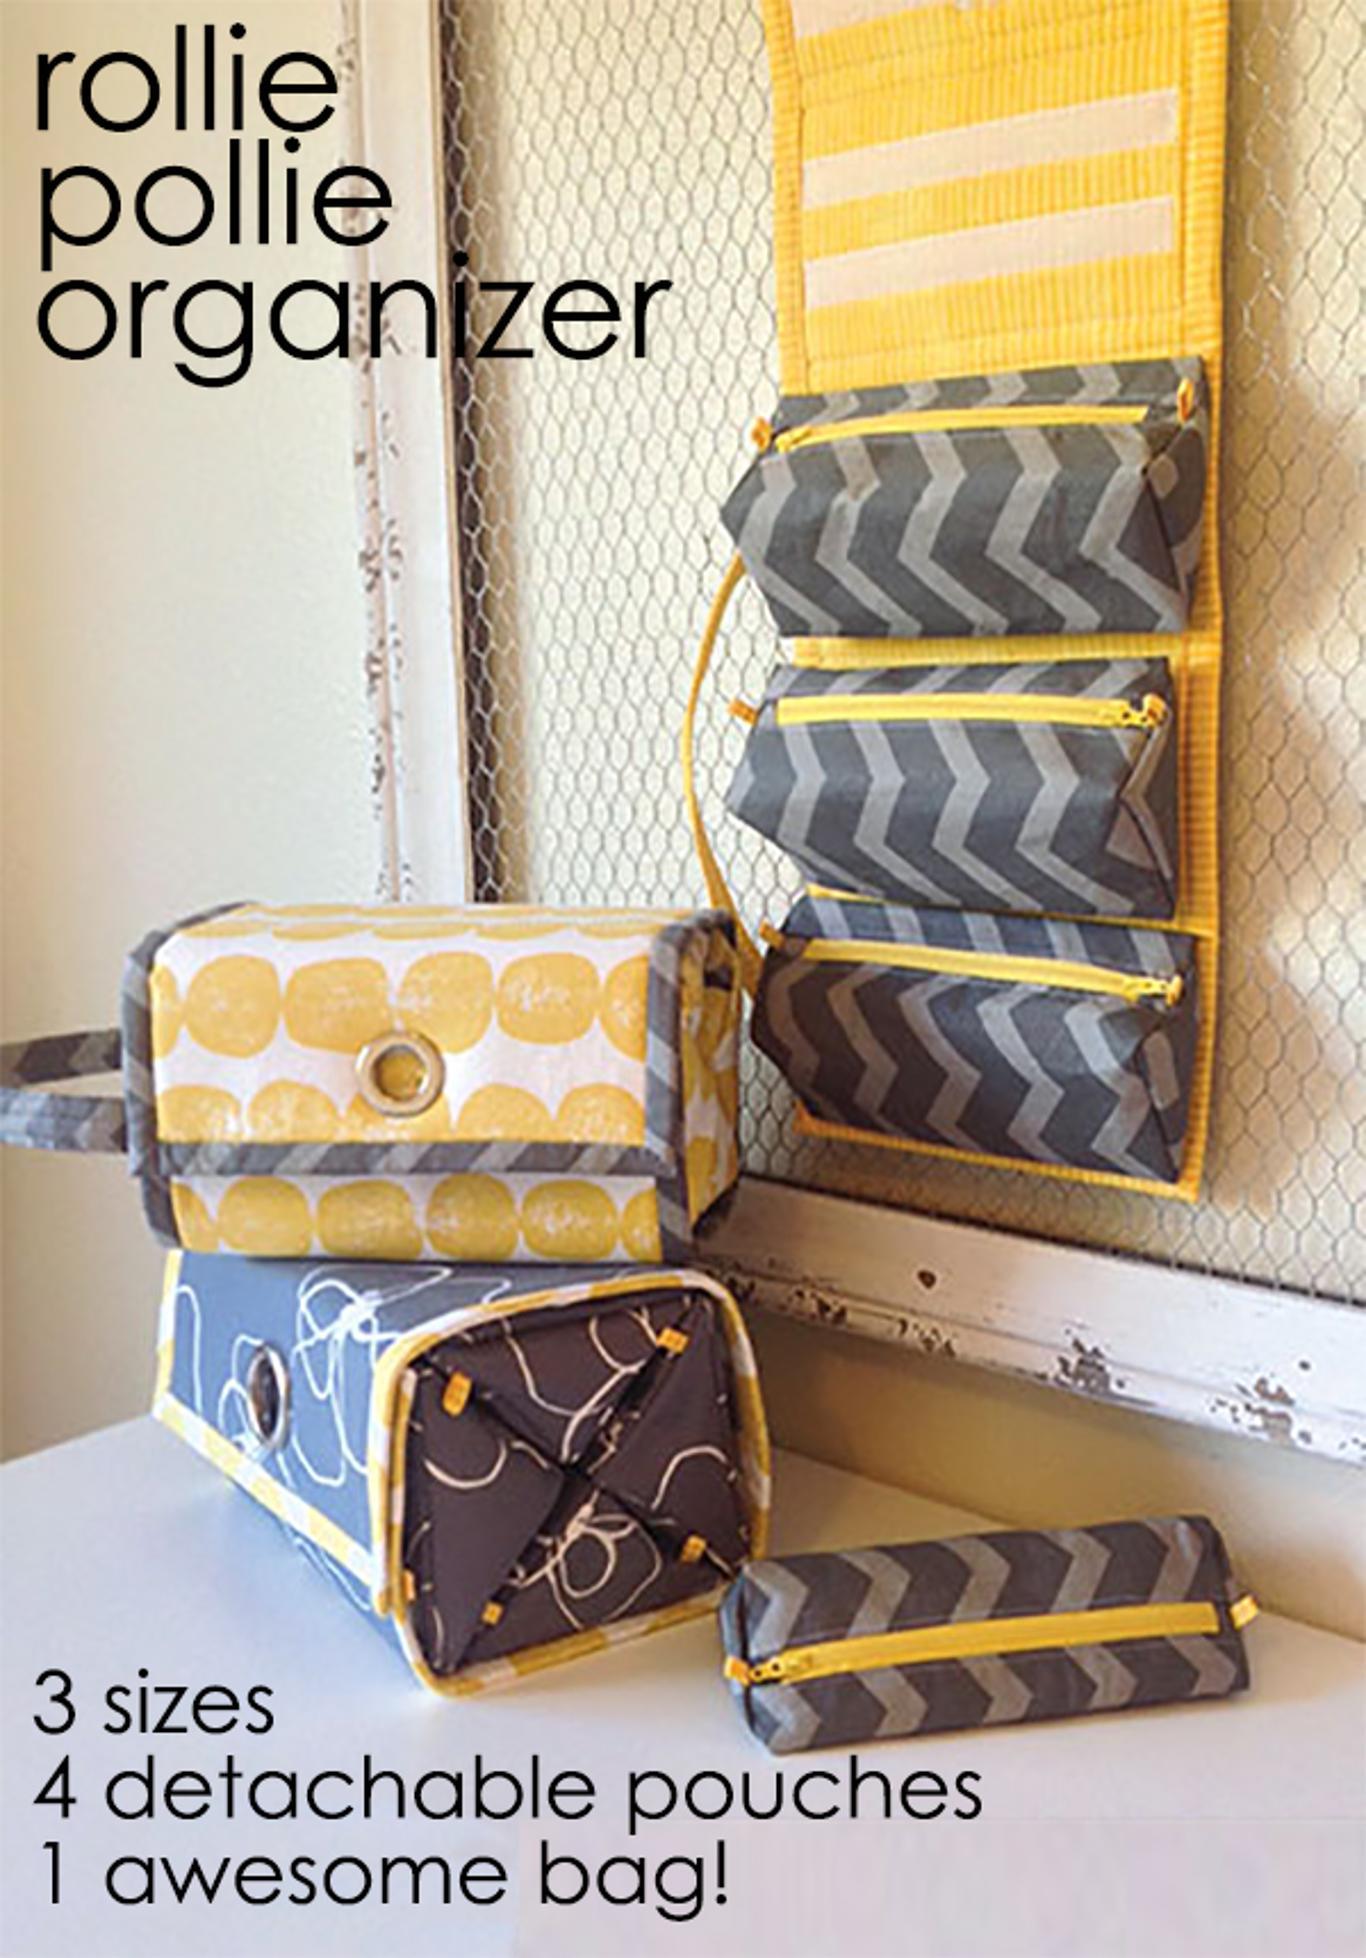 one+awesome+bag.jpg